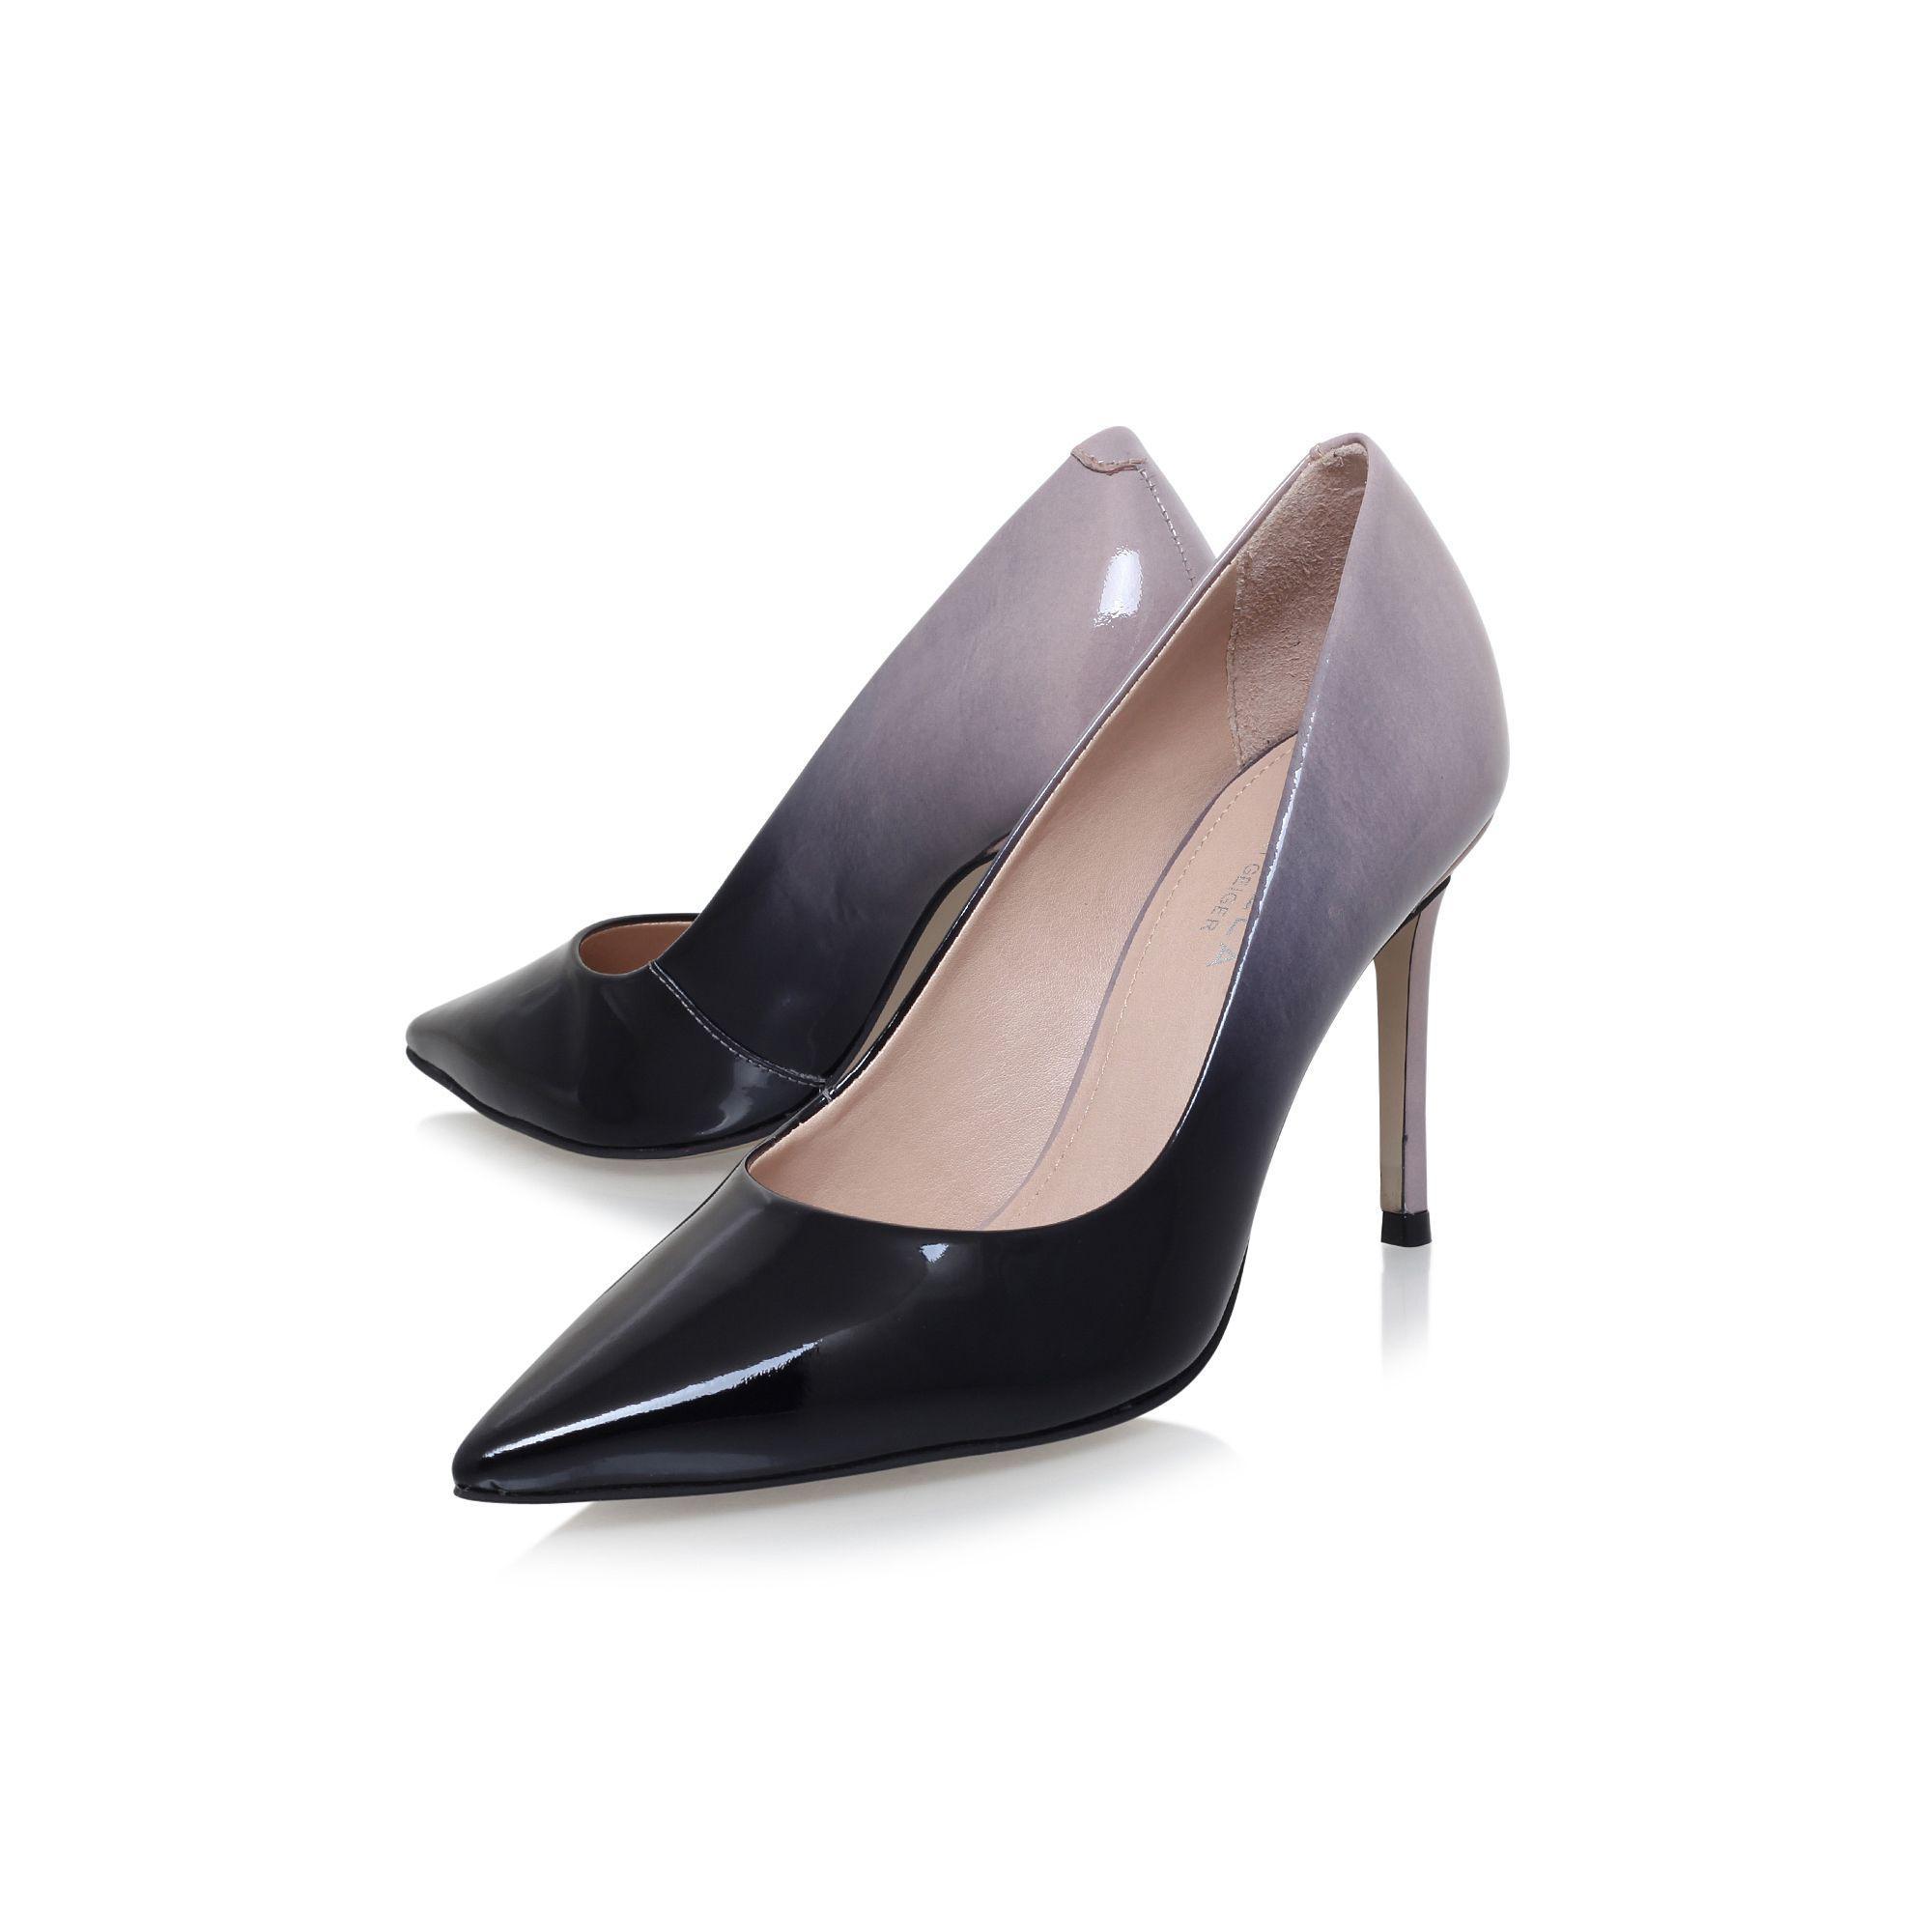 b6919b1e14af Carvela Kurt Geiger Nude  alison  High Heel Court Shoes - Lyst